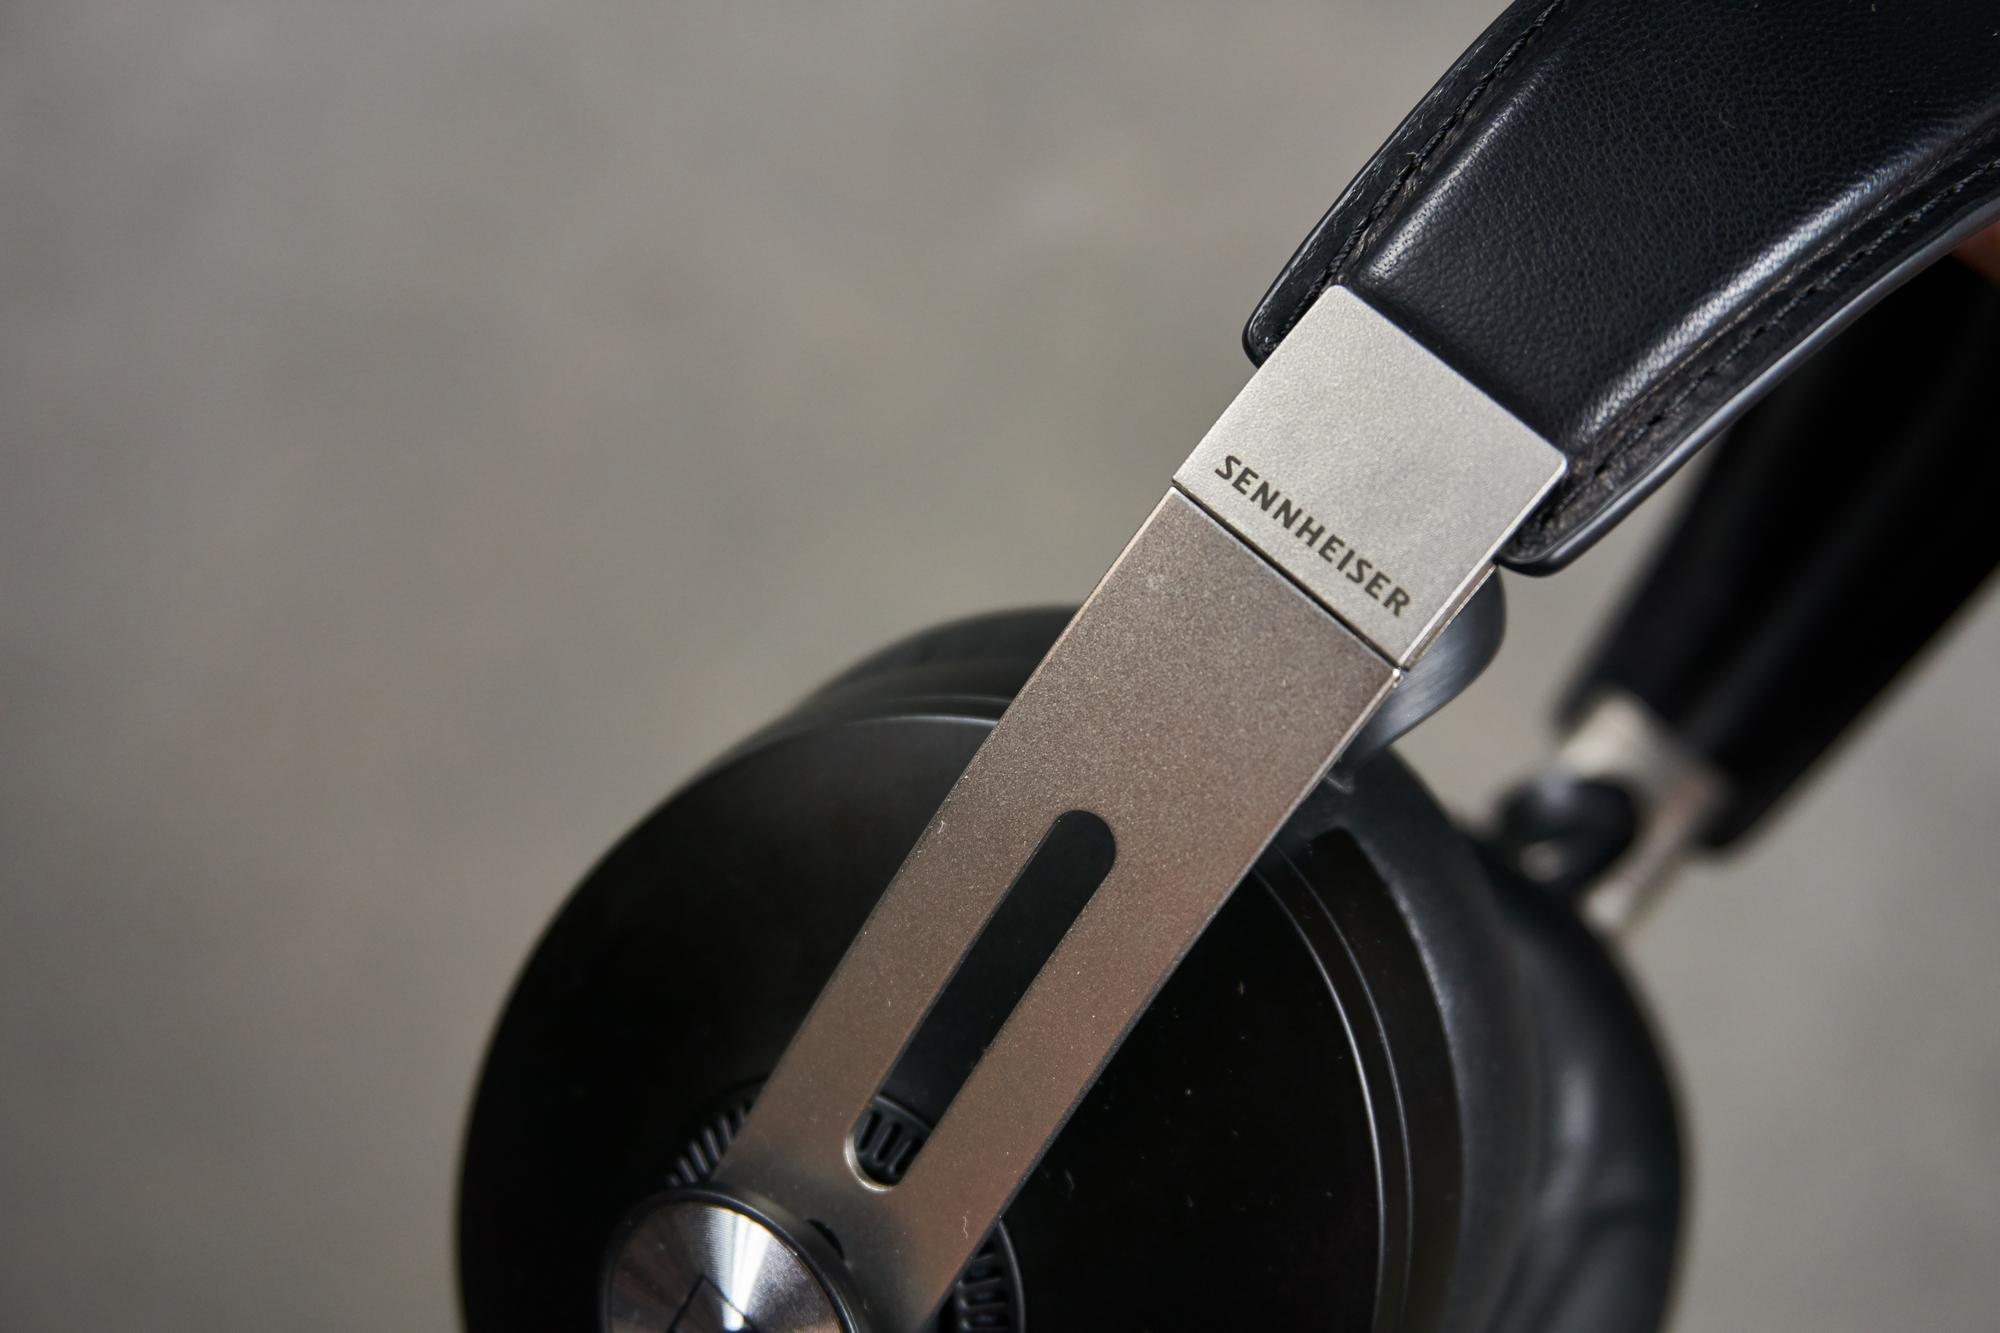 Recenzja Sennheiser Momentum Wireless - niemieckim inżynierom dźwięku progres nie jest obcy 21 Sennheiser Momentum Wireless